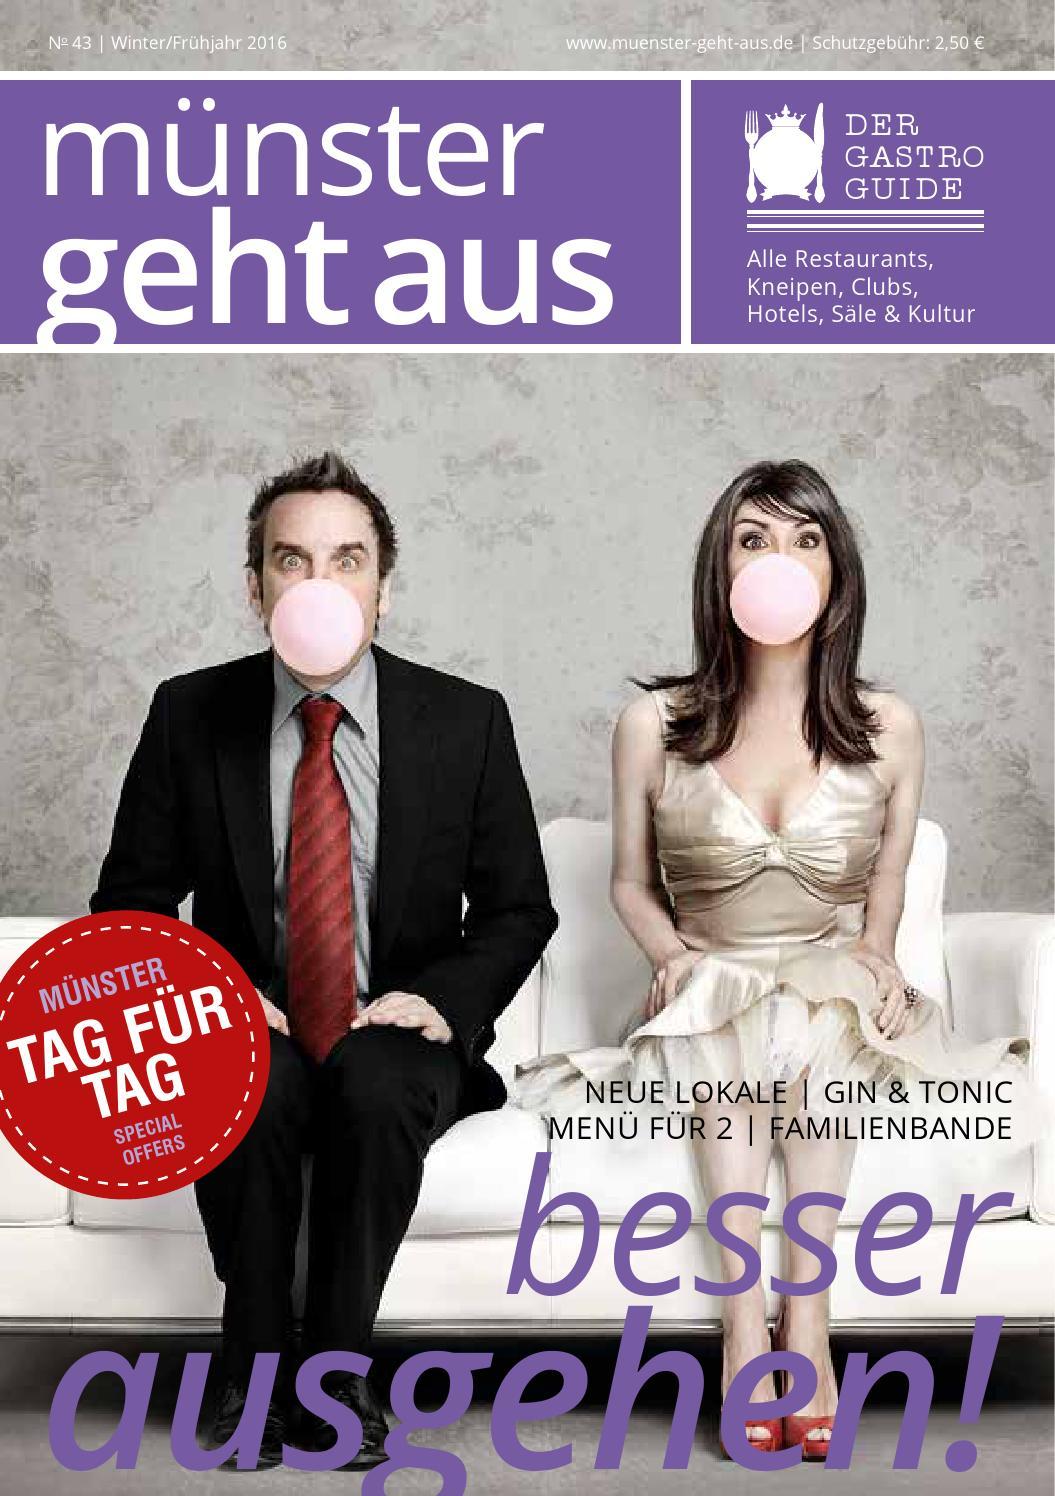 Münster Geht Aus by Tips Verlag GmbH - issuu